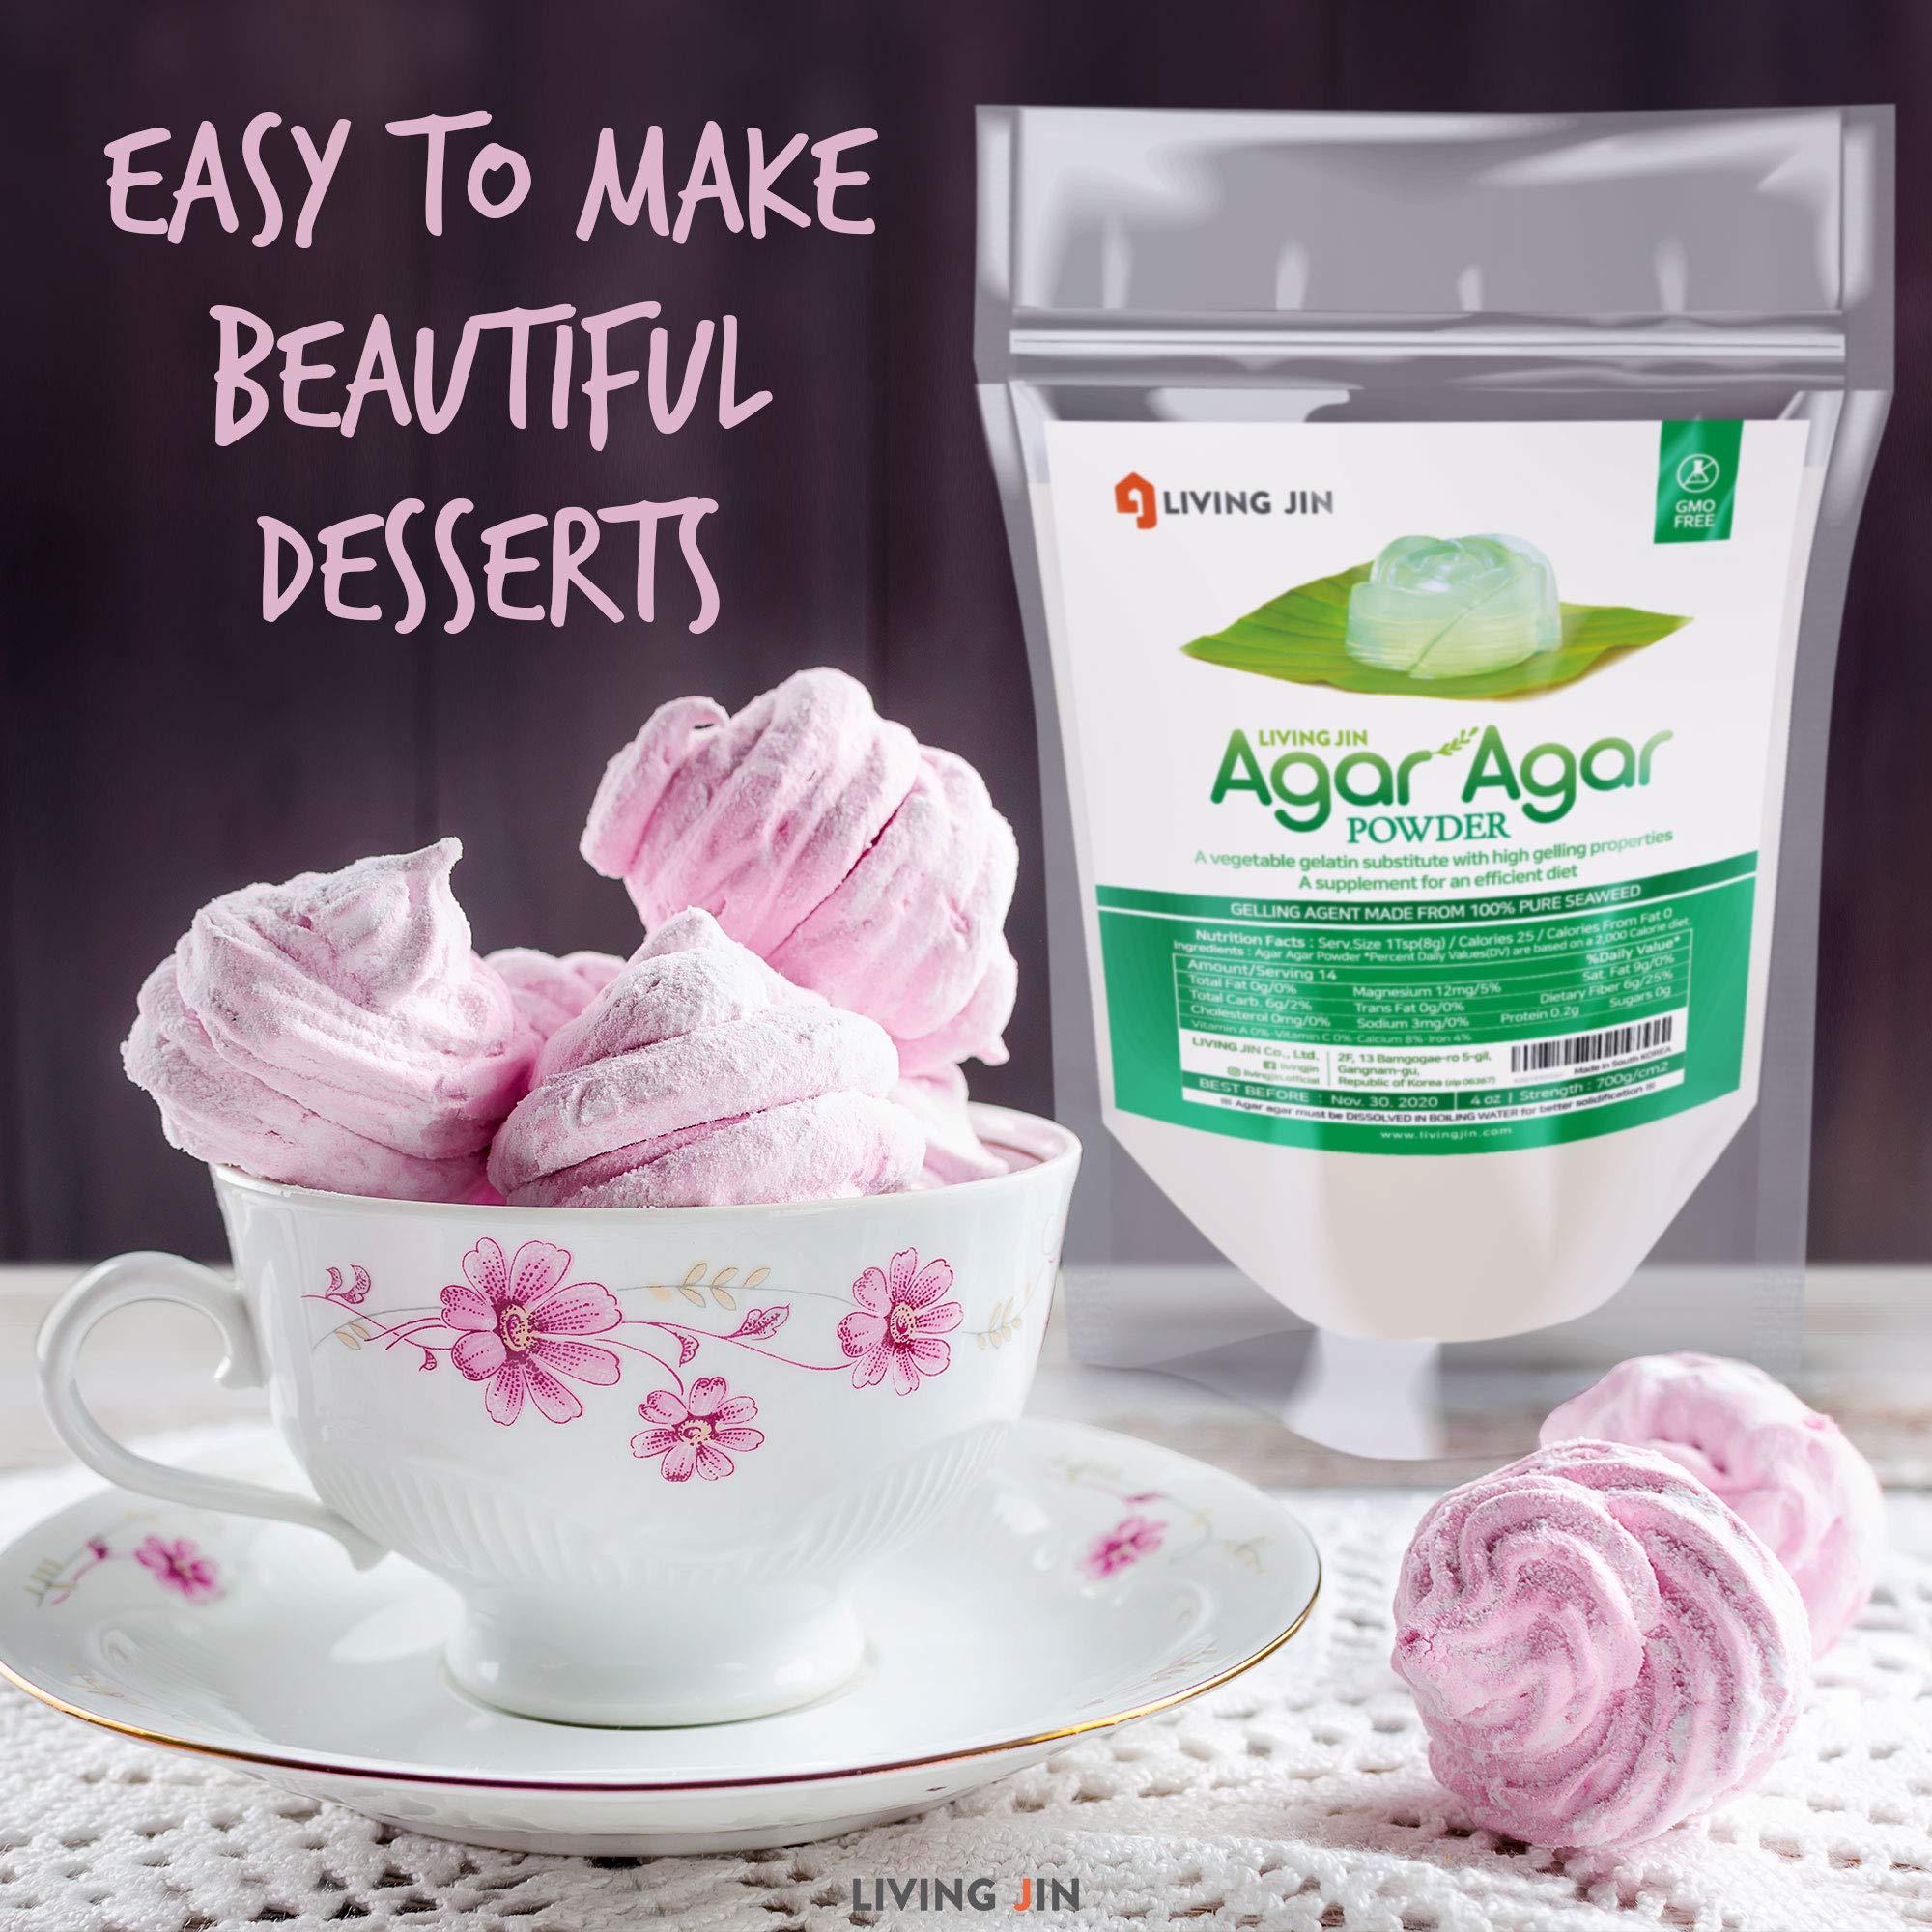 LIVING JIN Agar Agar Powder 28oz (or 4oz | 12oz) : Vegetable Gelatin Powder Dietary Fiber [100% Natural Seaweed + Non GMO + VEGAN + VEGETARIAN + KOSHER + HALAL] by LIVING JIN (Image #2)